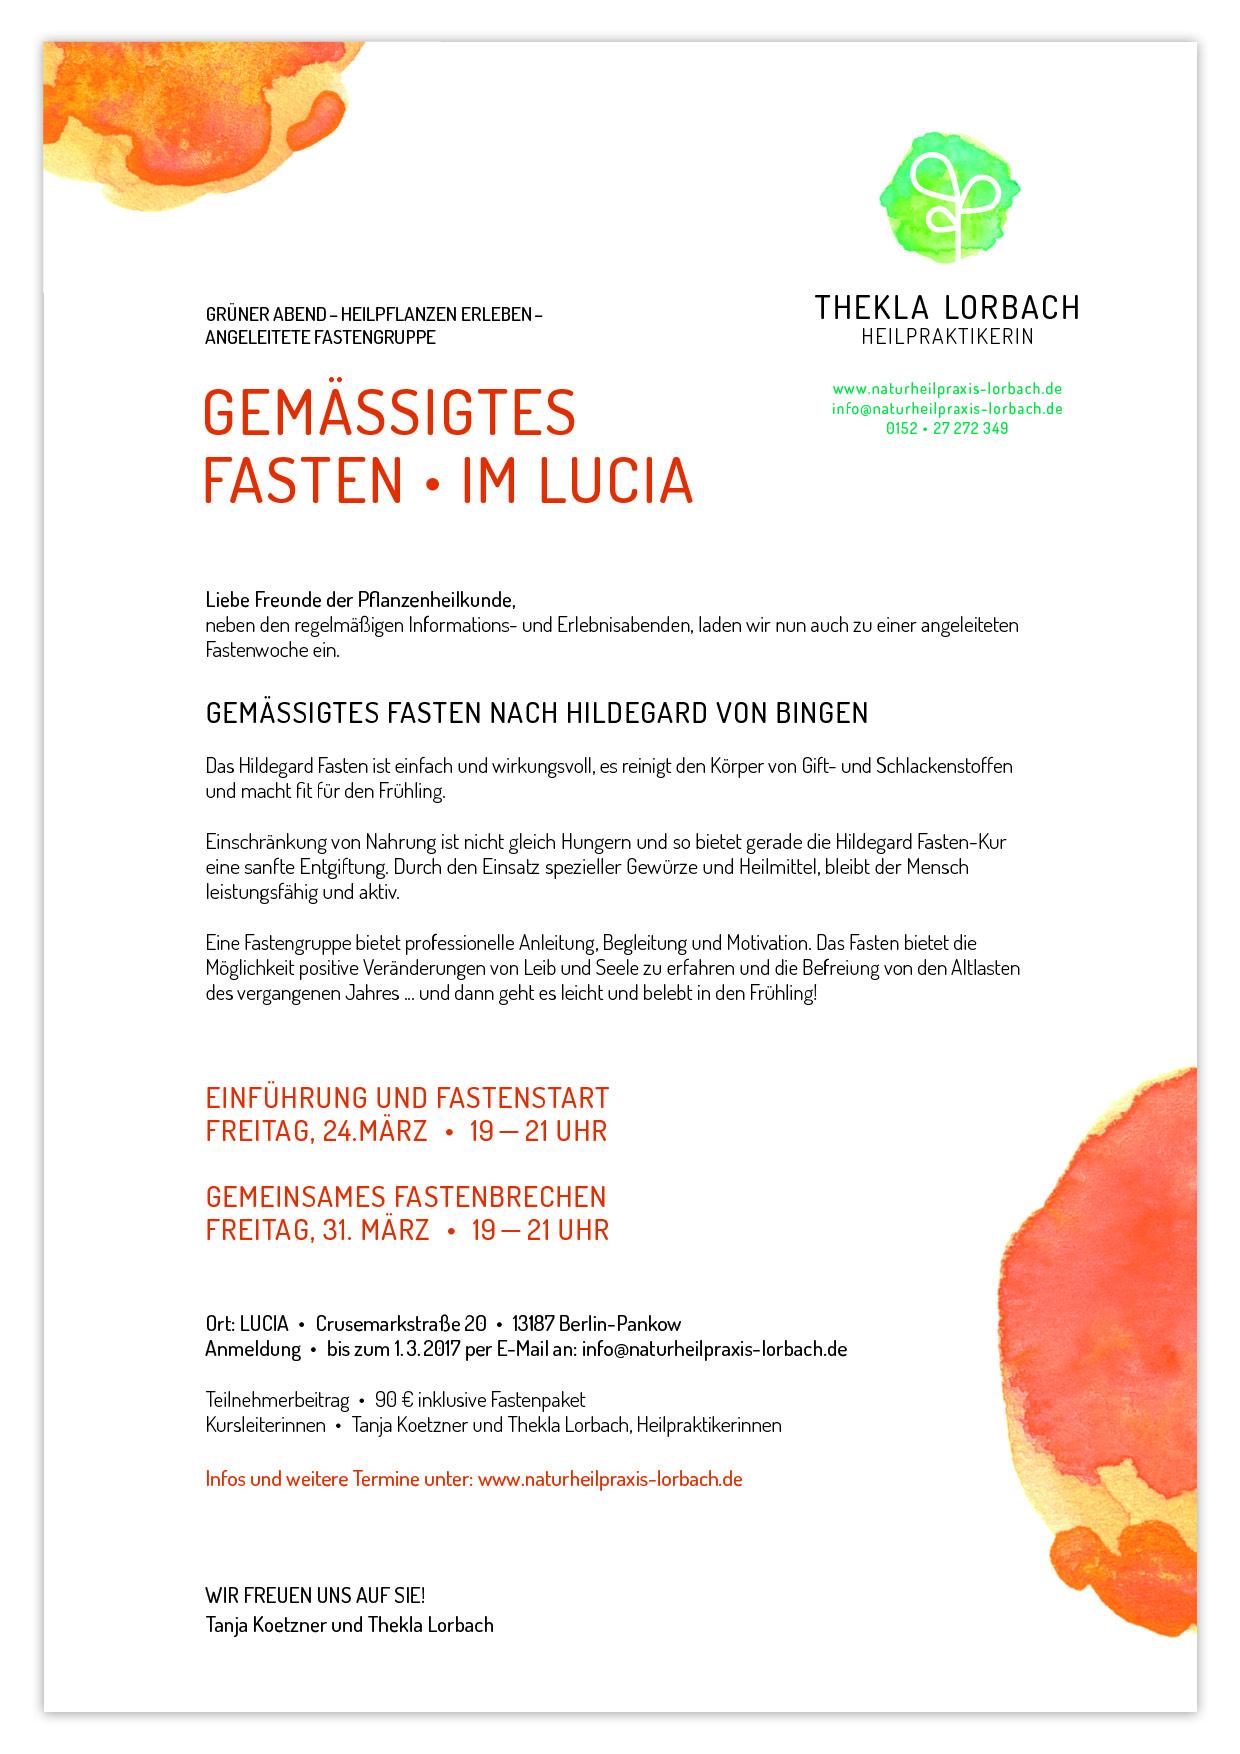 Flyer Gemässigtes Fasten im Lucia